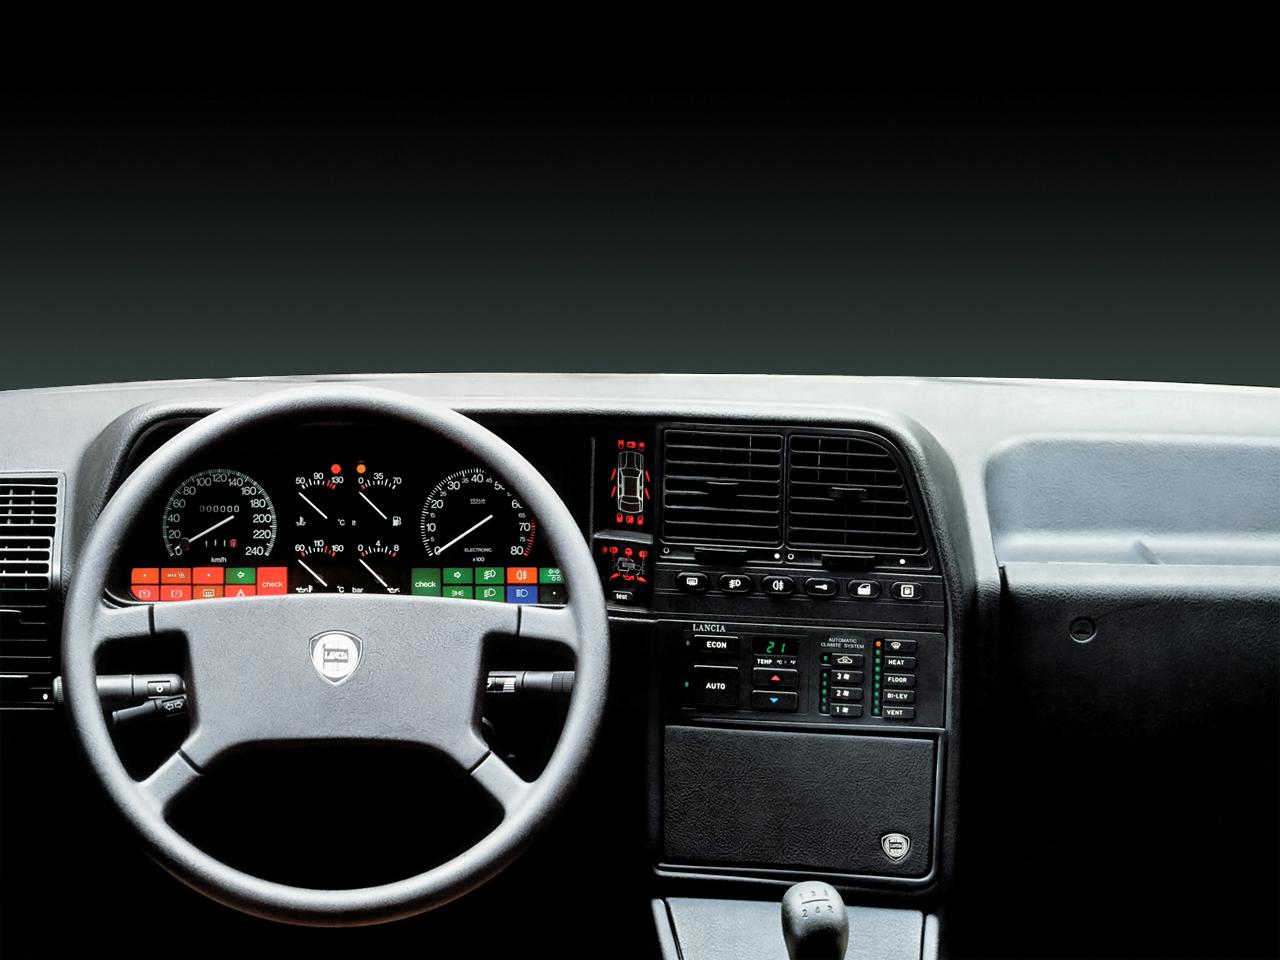 Lancia Thema Station Wagon (834) 2000 Turbo 16V (201 Hp)